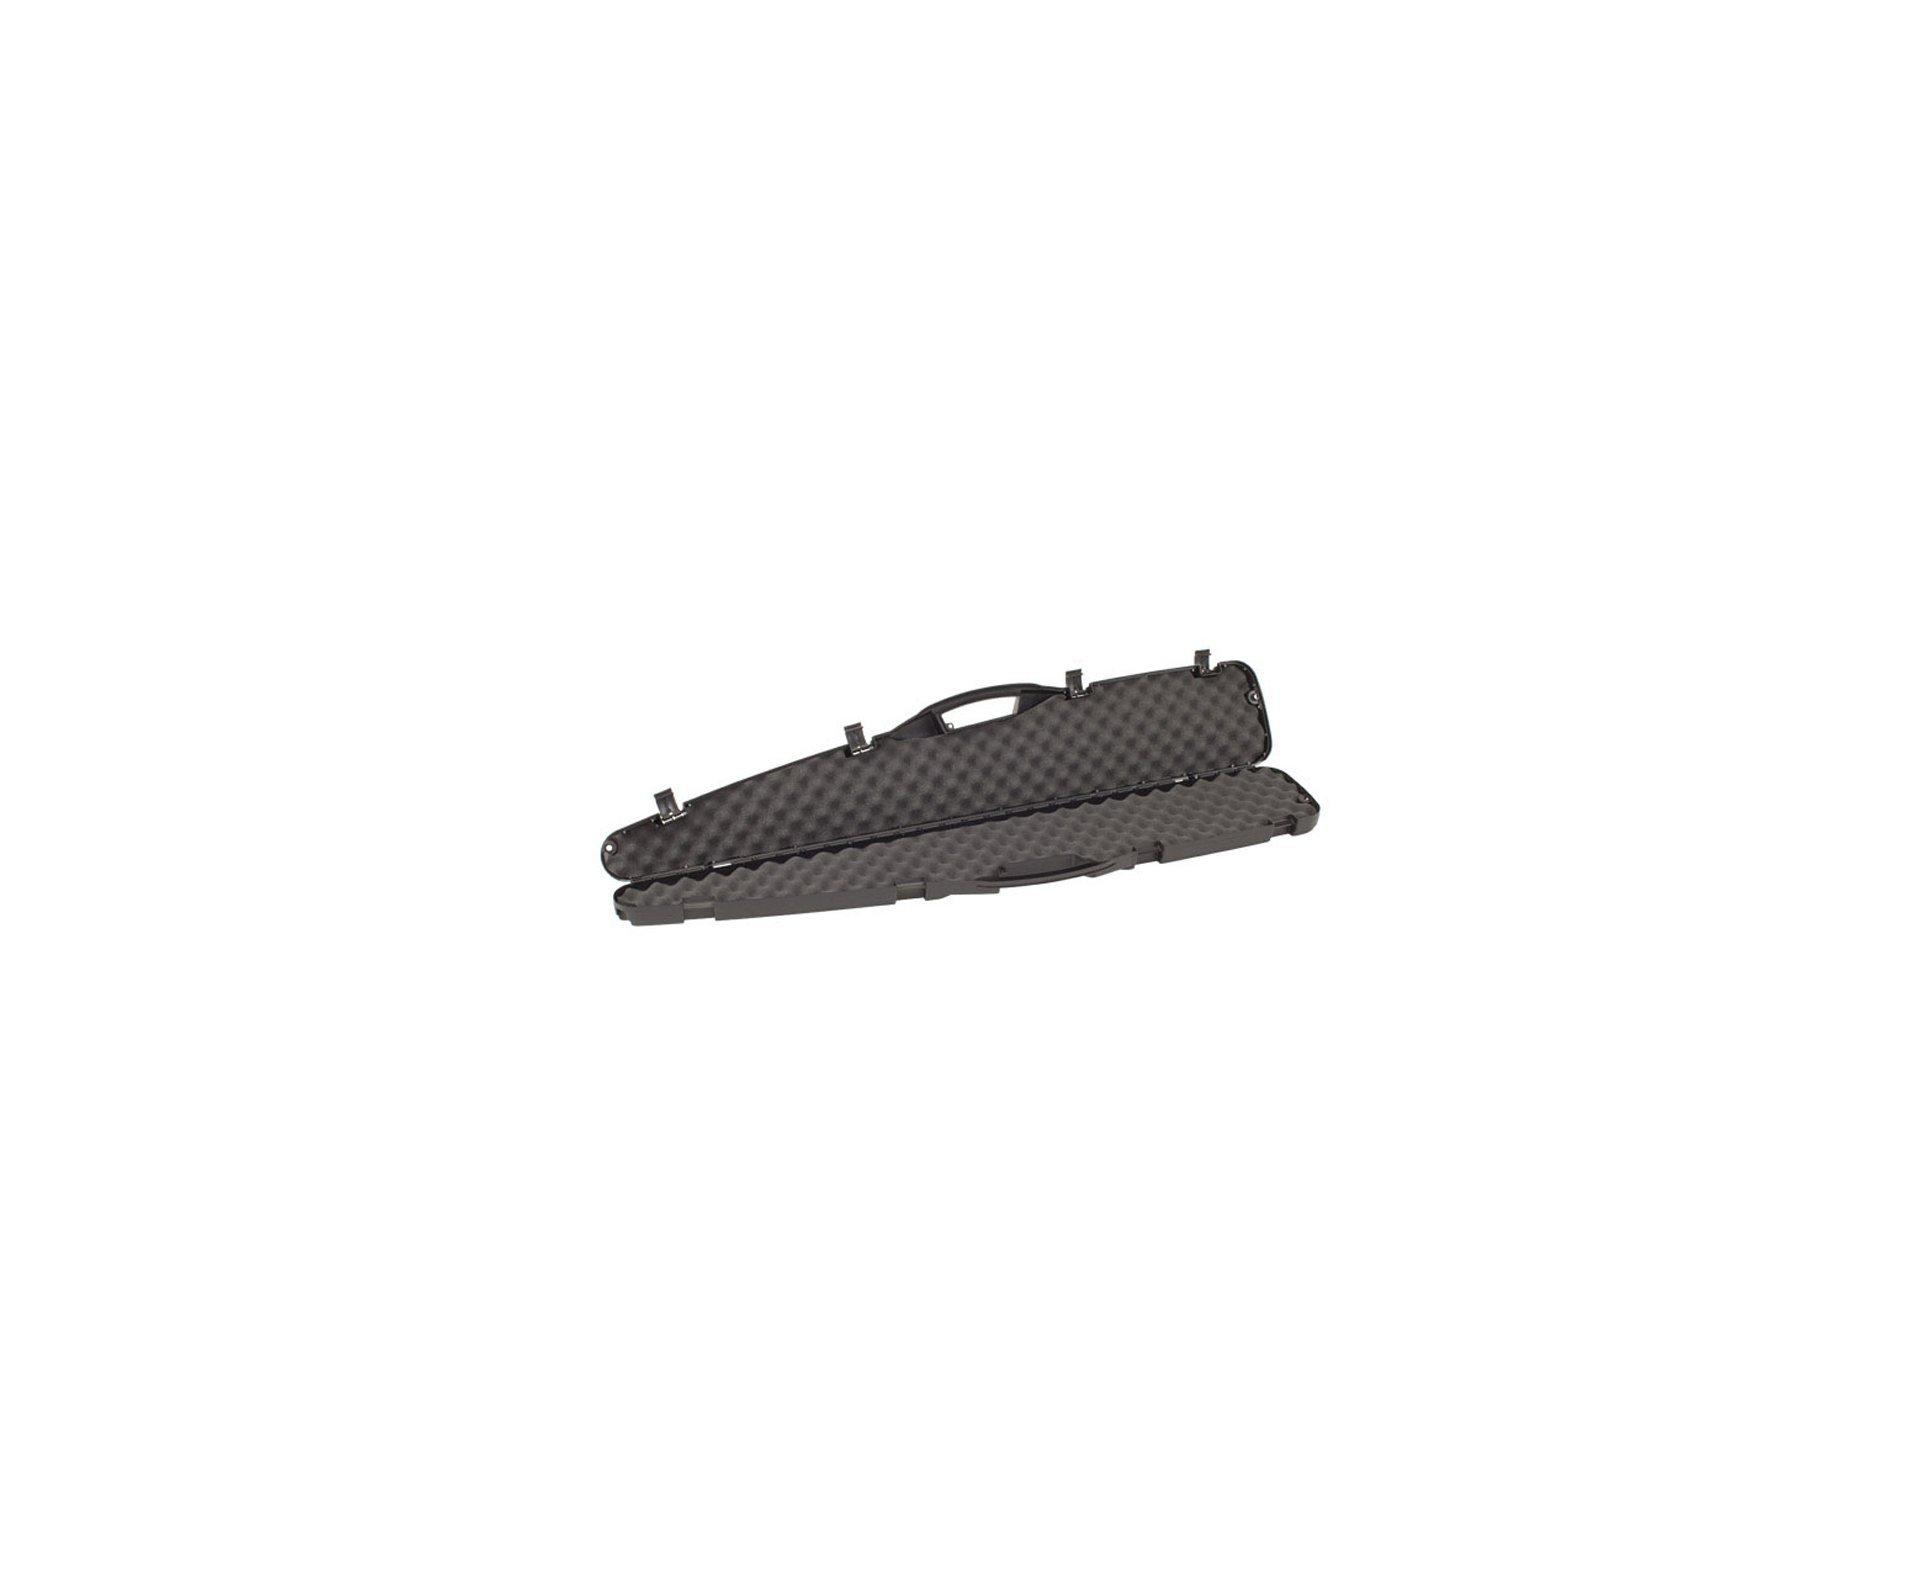 Carabina De Pressão Hatsan Ht 125 Vortex Combo Especial - Cal 5,5mm + Pistão Pneumático + Luneta 4x32 + Bandoleira + Chumbinho + Case Plano